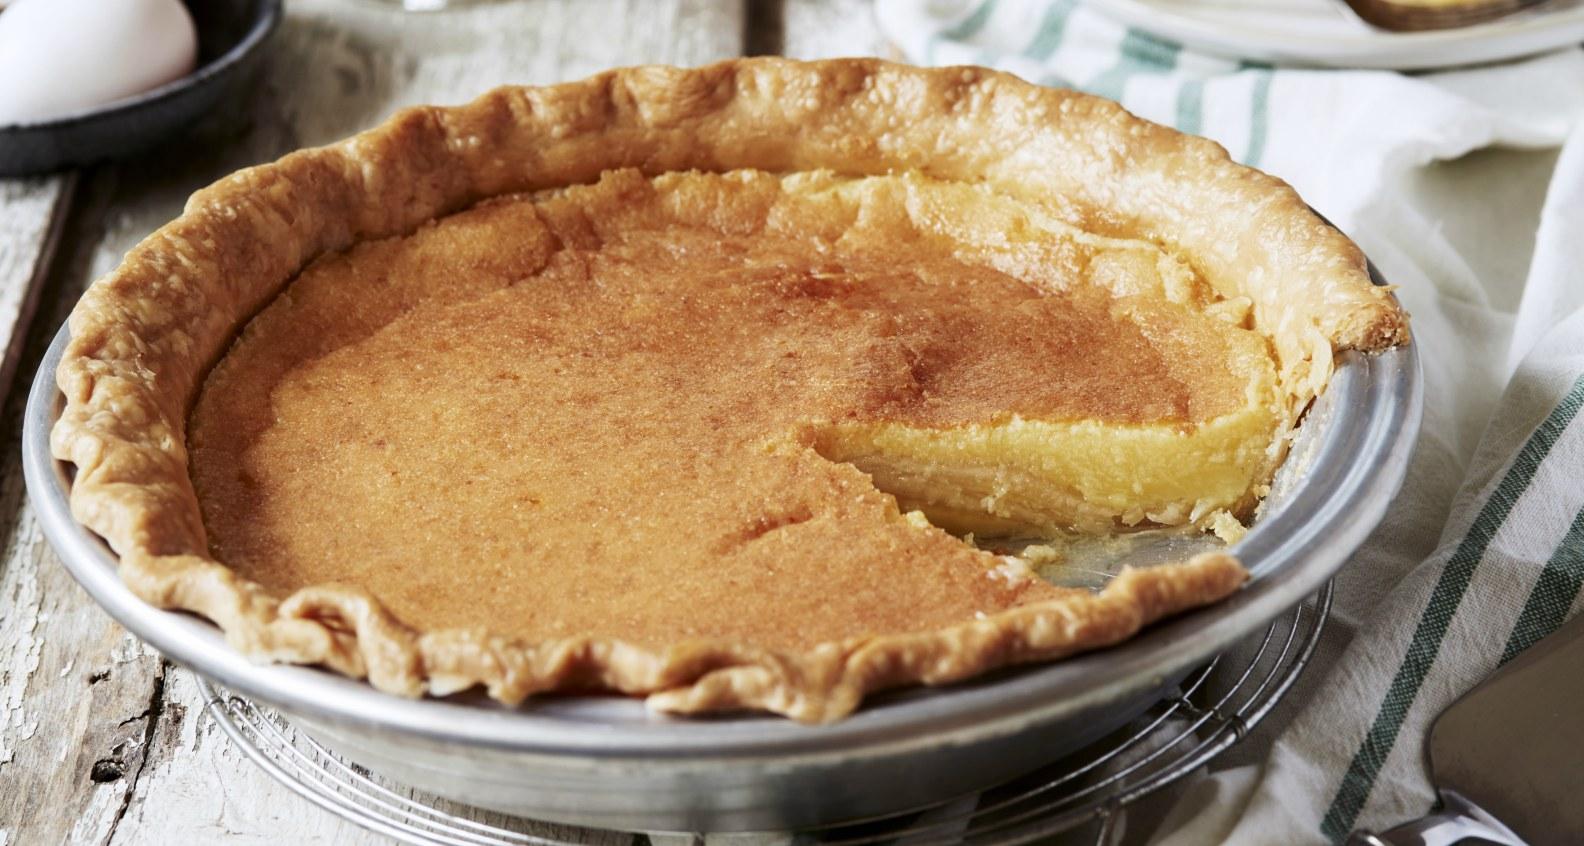 Anne Byrn's Shaker Buttermilk Pie